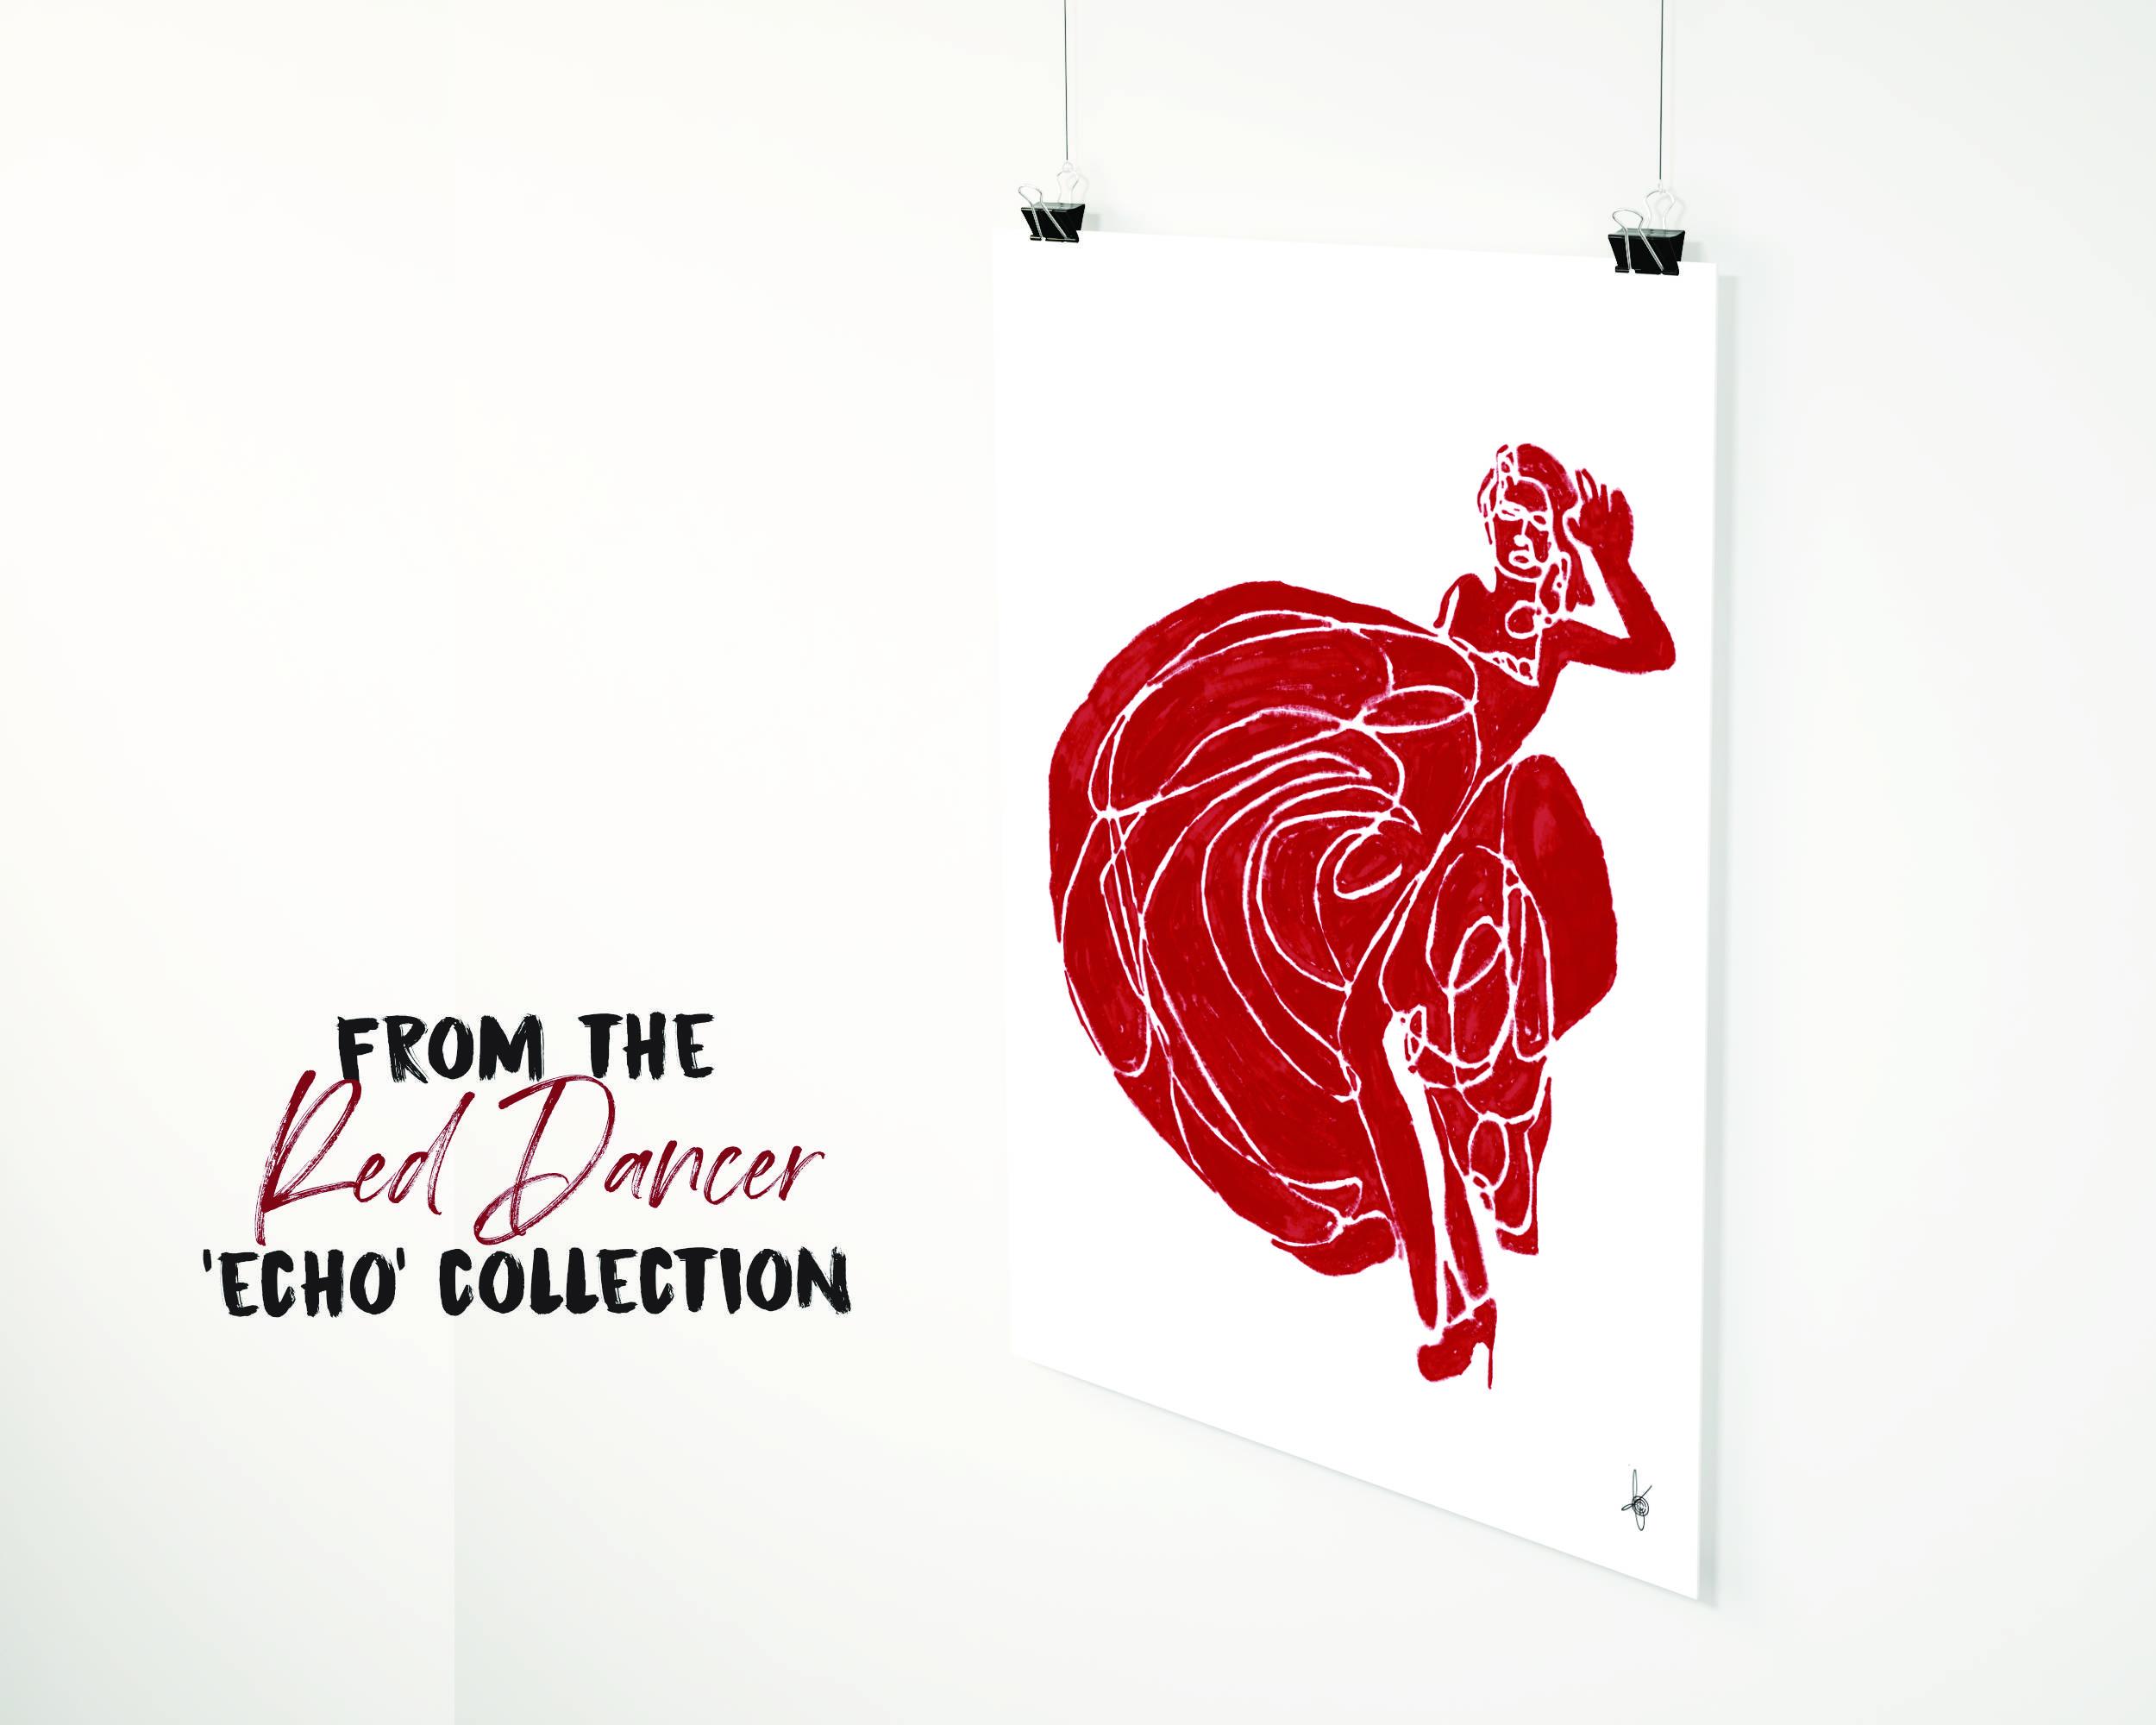 red-dancer-artwork-poster